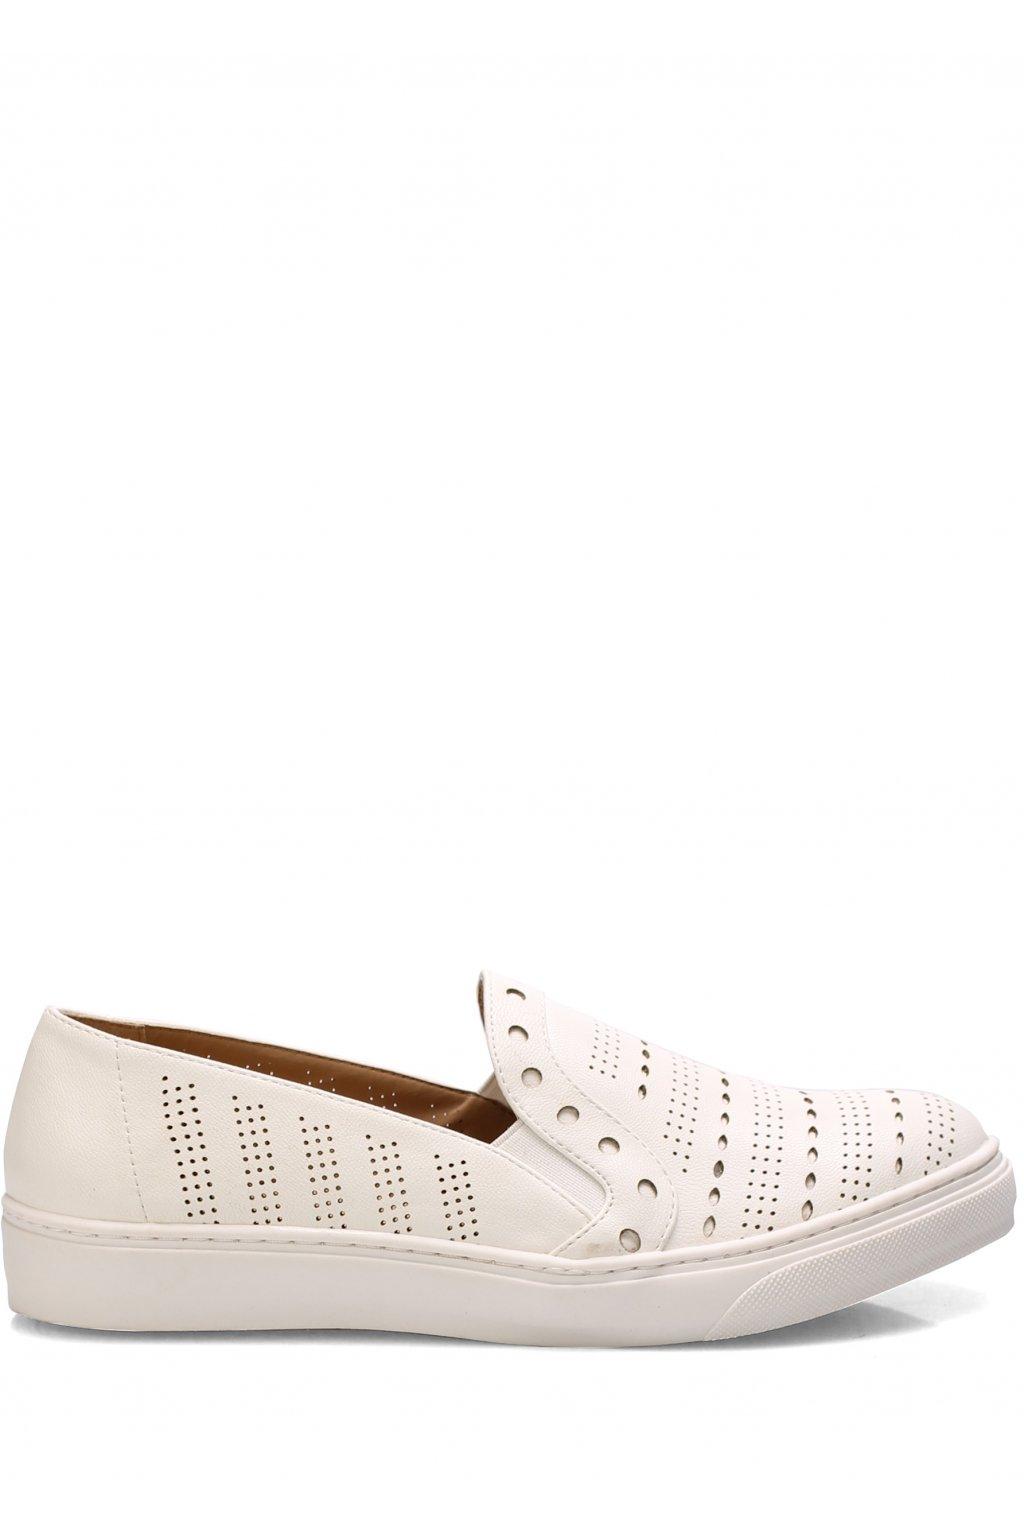 Bílé dírkované nazouvací boty Trendy too